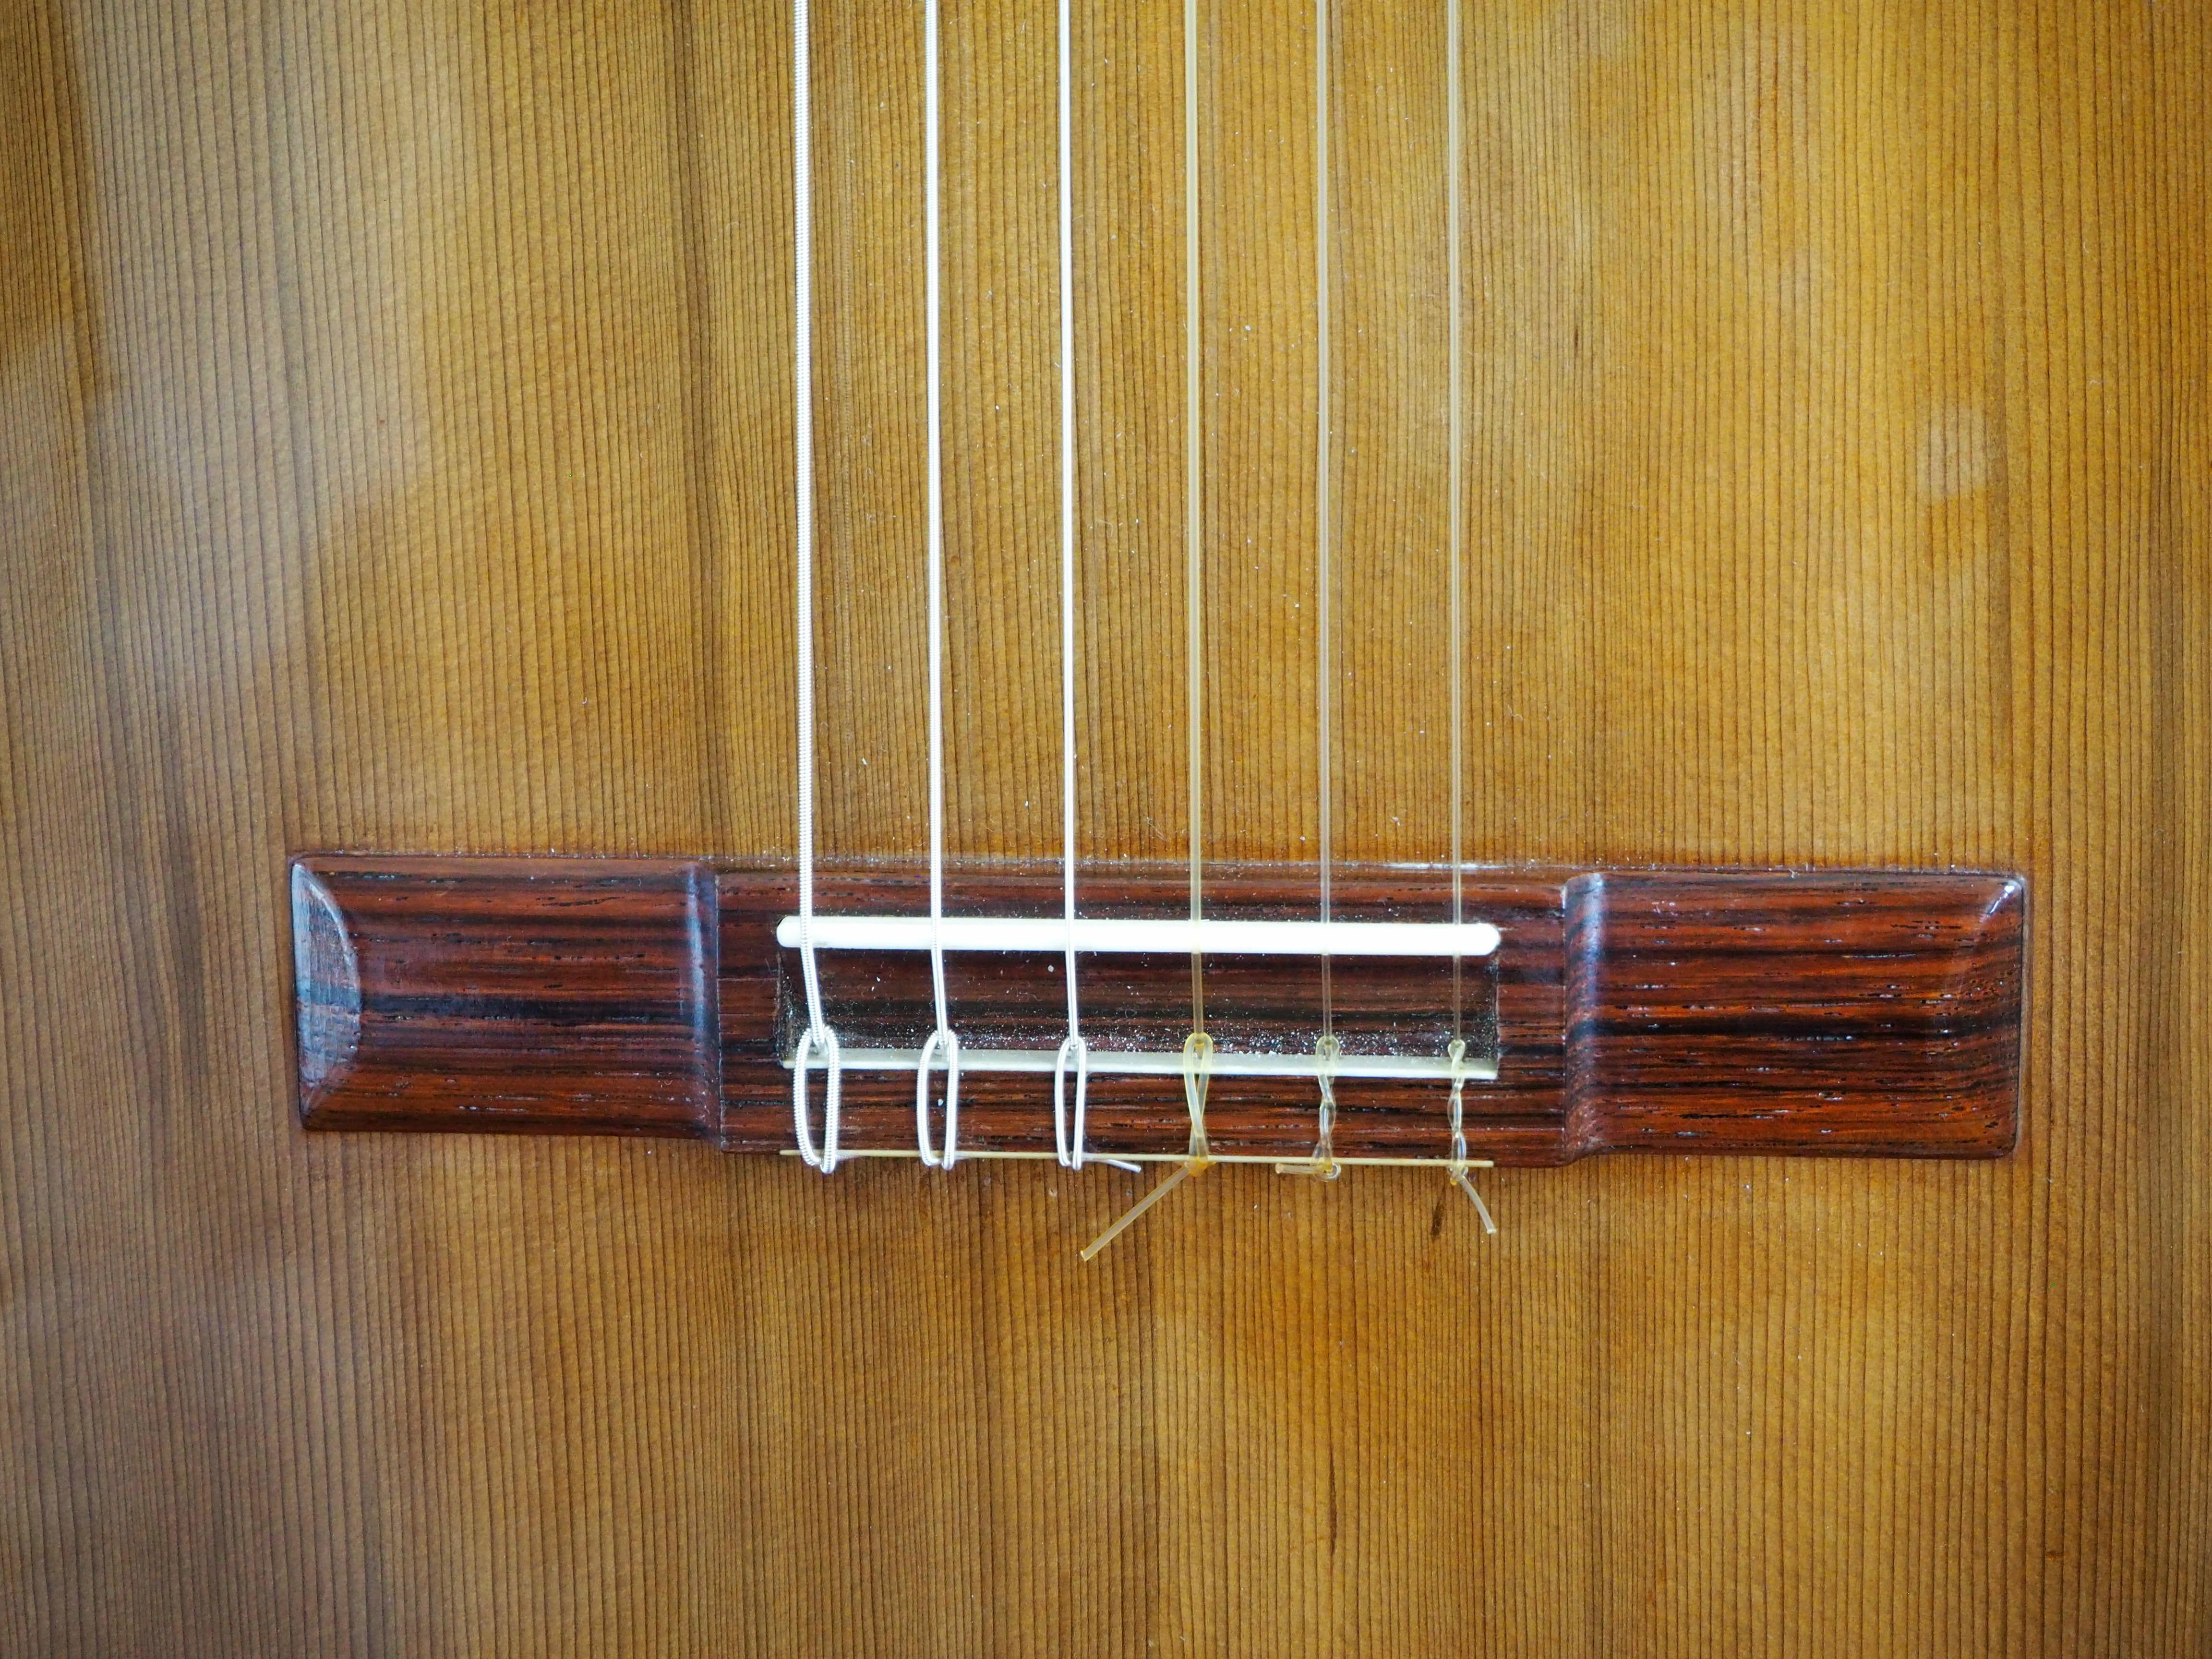 Guitare classique luthier ian Kneipp barrage lattice